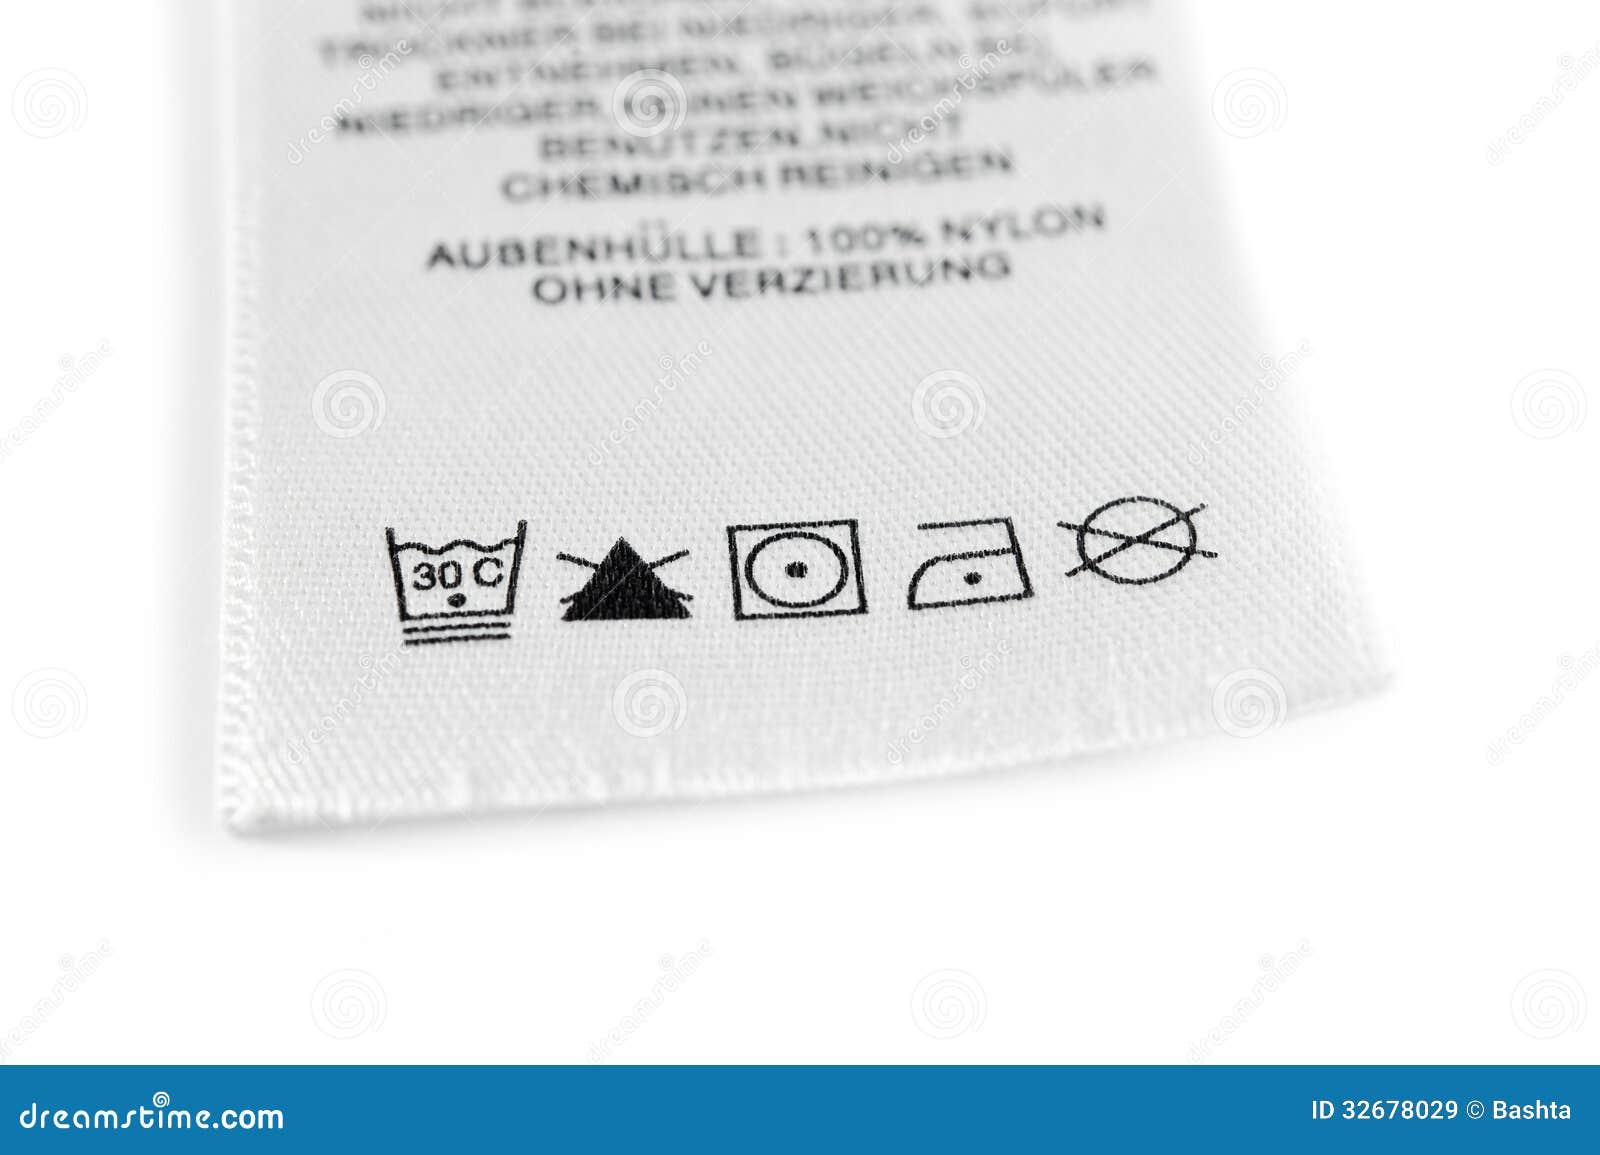 Laundry Care Symbols Stock Image Image Of Advice White 32678029